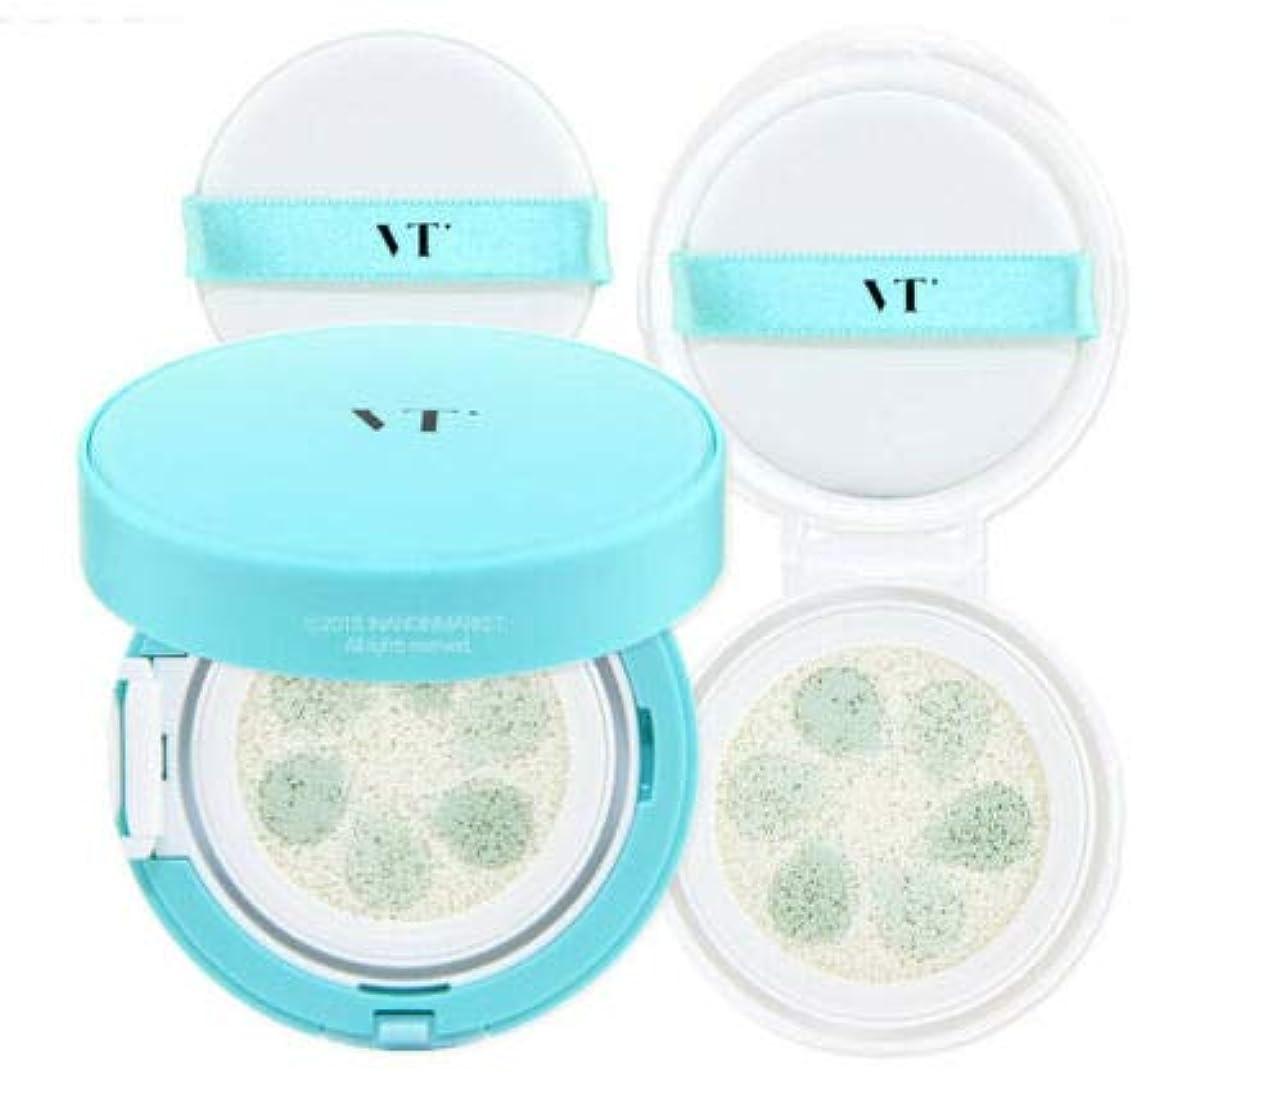 ハンディ故障地域のVT Cosmetic Phyto Sun Cushion サンクッション 本品11g + リフィール11g, SPF50+/PA++++